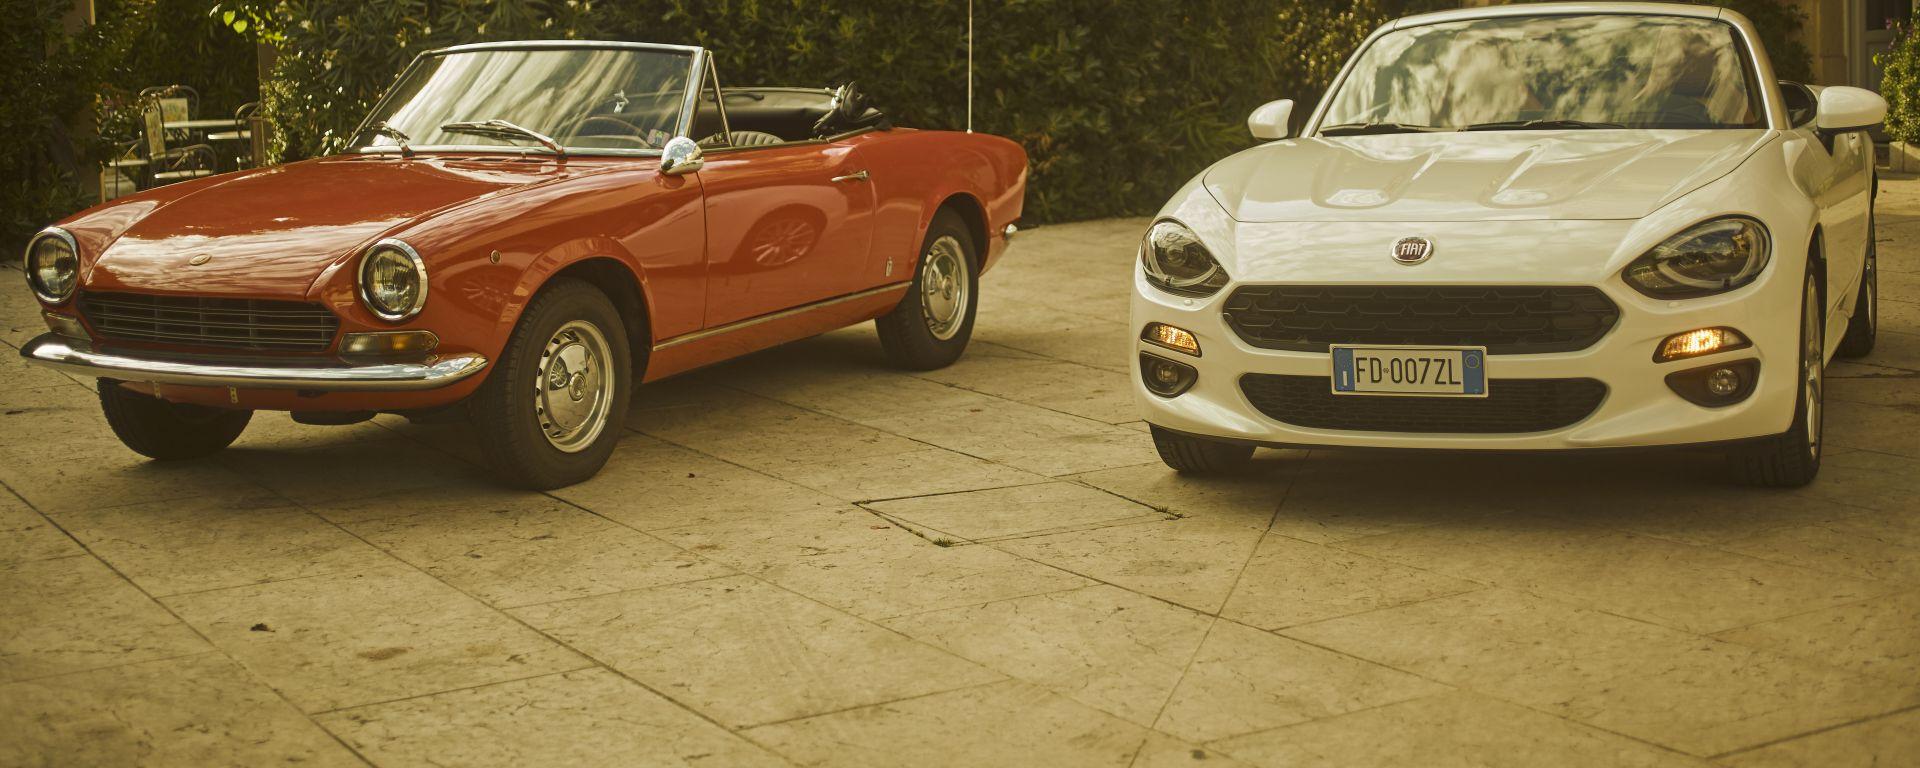 Fiat 124 Spider, passato e presente allo specchio